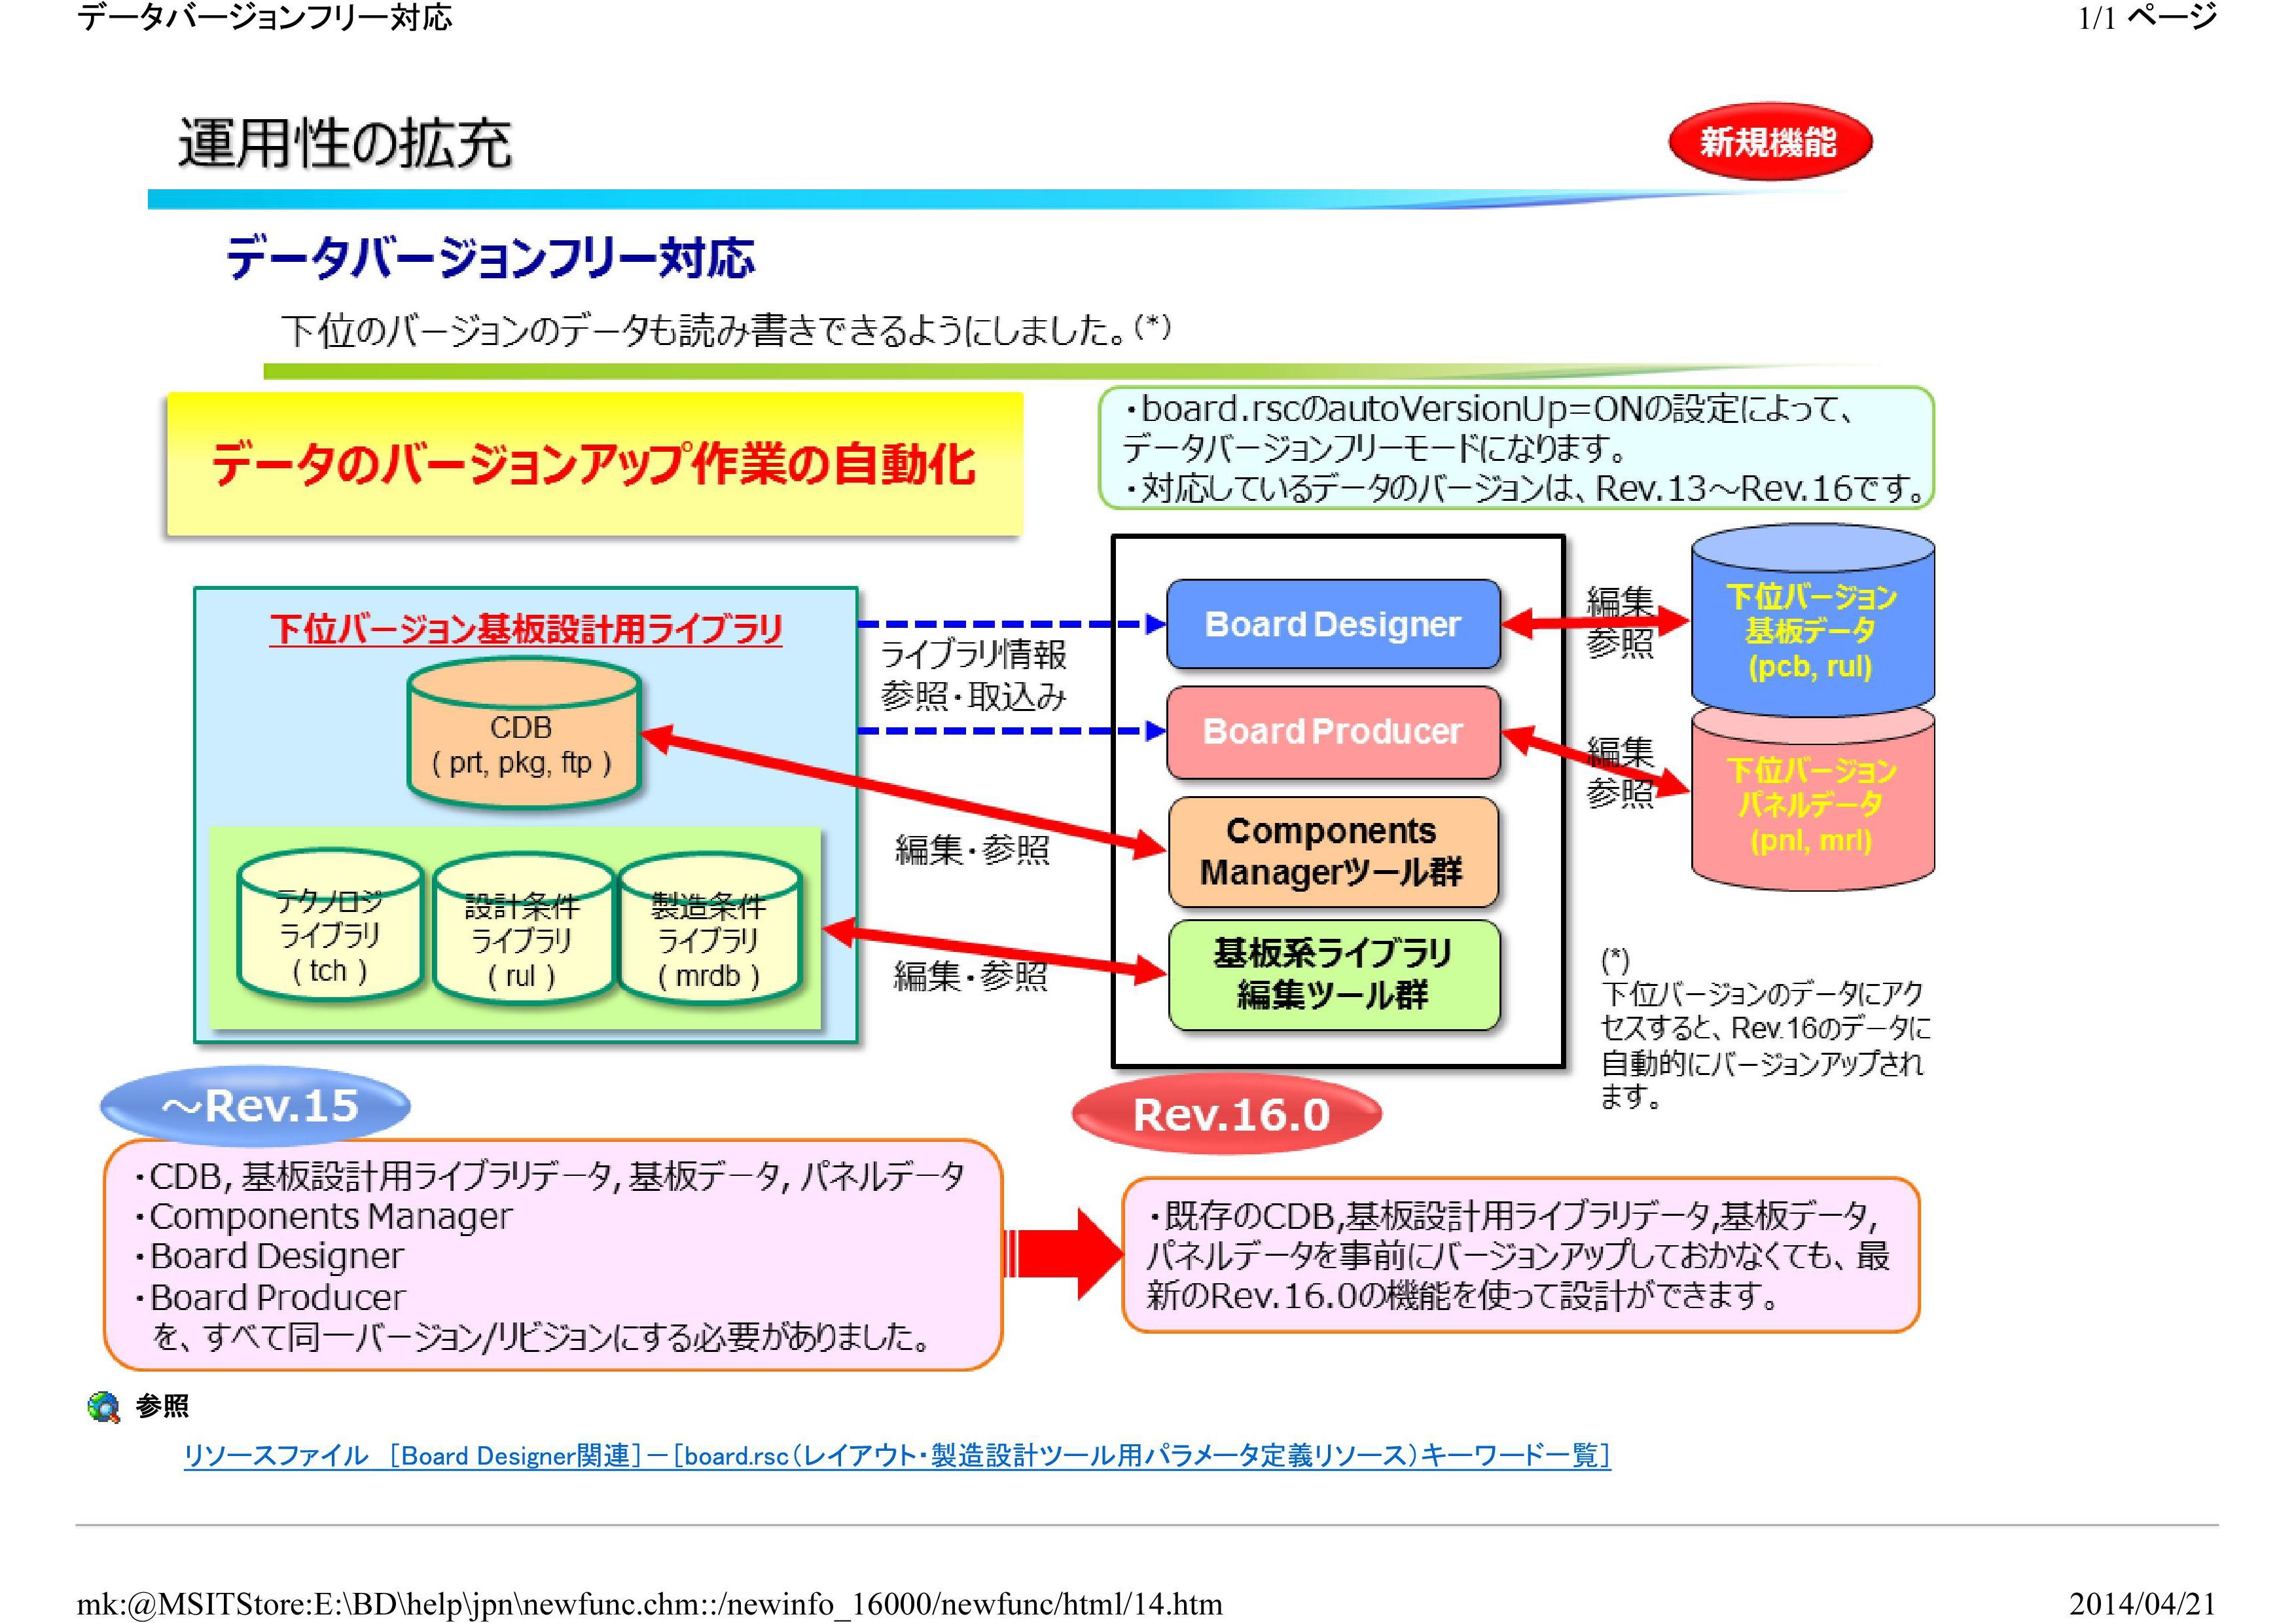 BoardDesigner Rev16新機能 「データバージョンフリー対応」について調べてみた